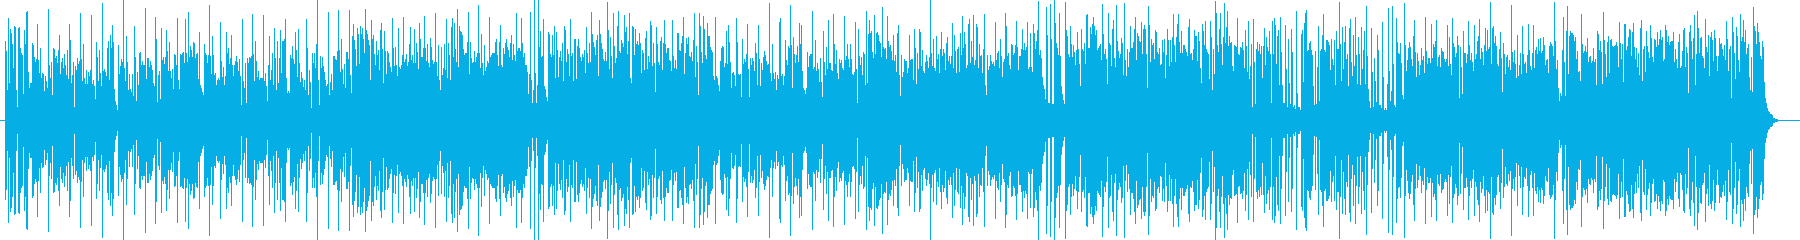 爽やかで華やかなエレキポップスの再生済みの波形